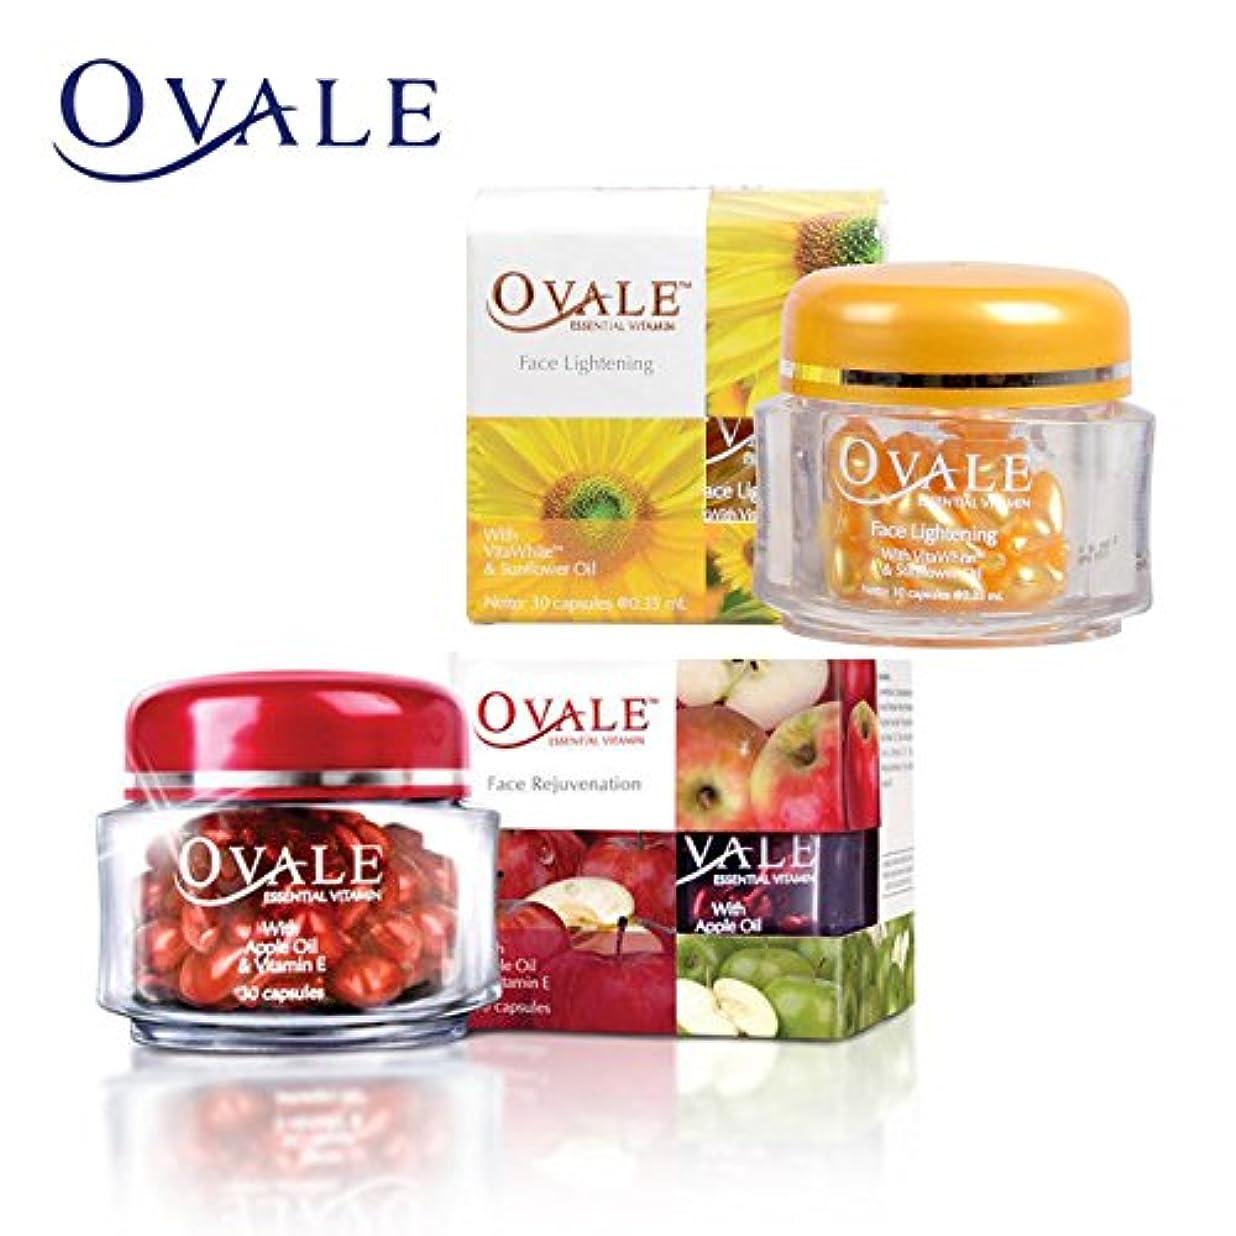 ランダム休暇学生Ovale オーバル フェイシャル美容液 essential vitamin エッセンシャルビタミン 30粒入ボトル×5個 アップル [海外直送品]